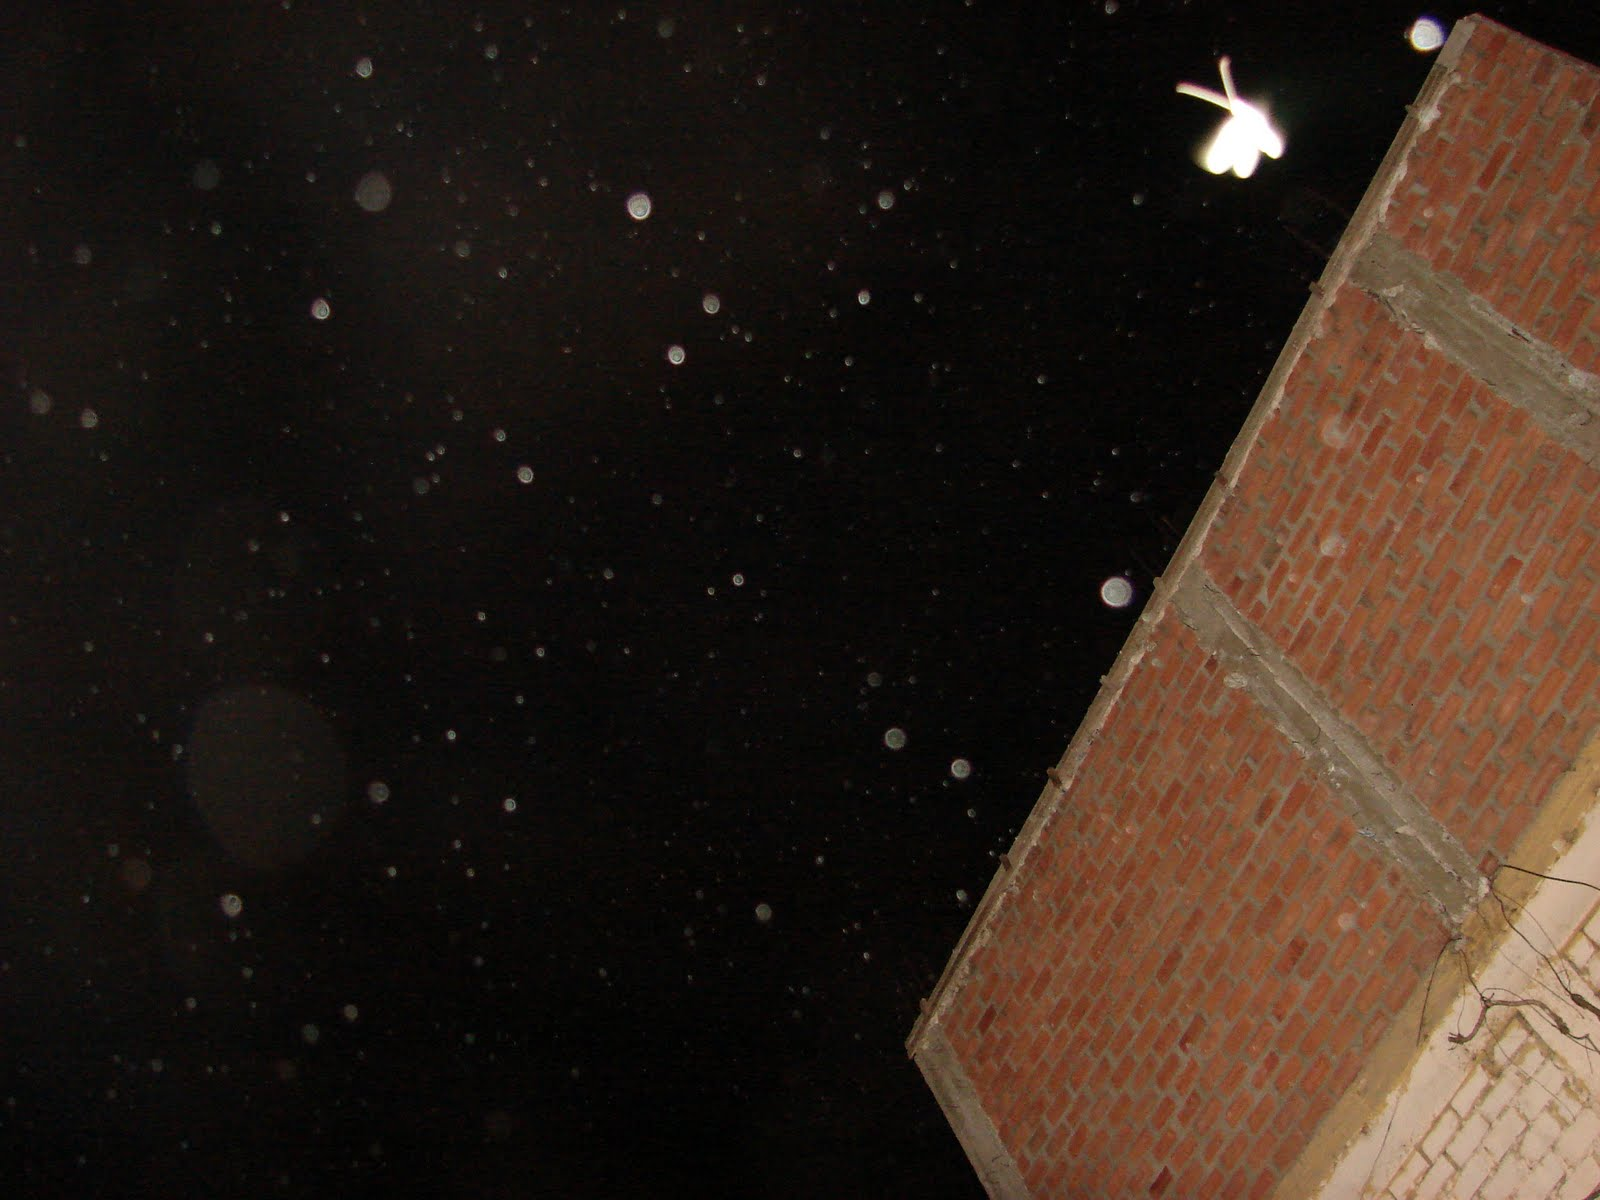 ATENCION-MUNDO-12-OCTUBRE-13-14-15-16...2011-ultimos-super-avistamientos-Mariposa-Y -Corazon,ET,sec